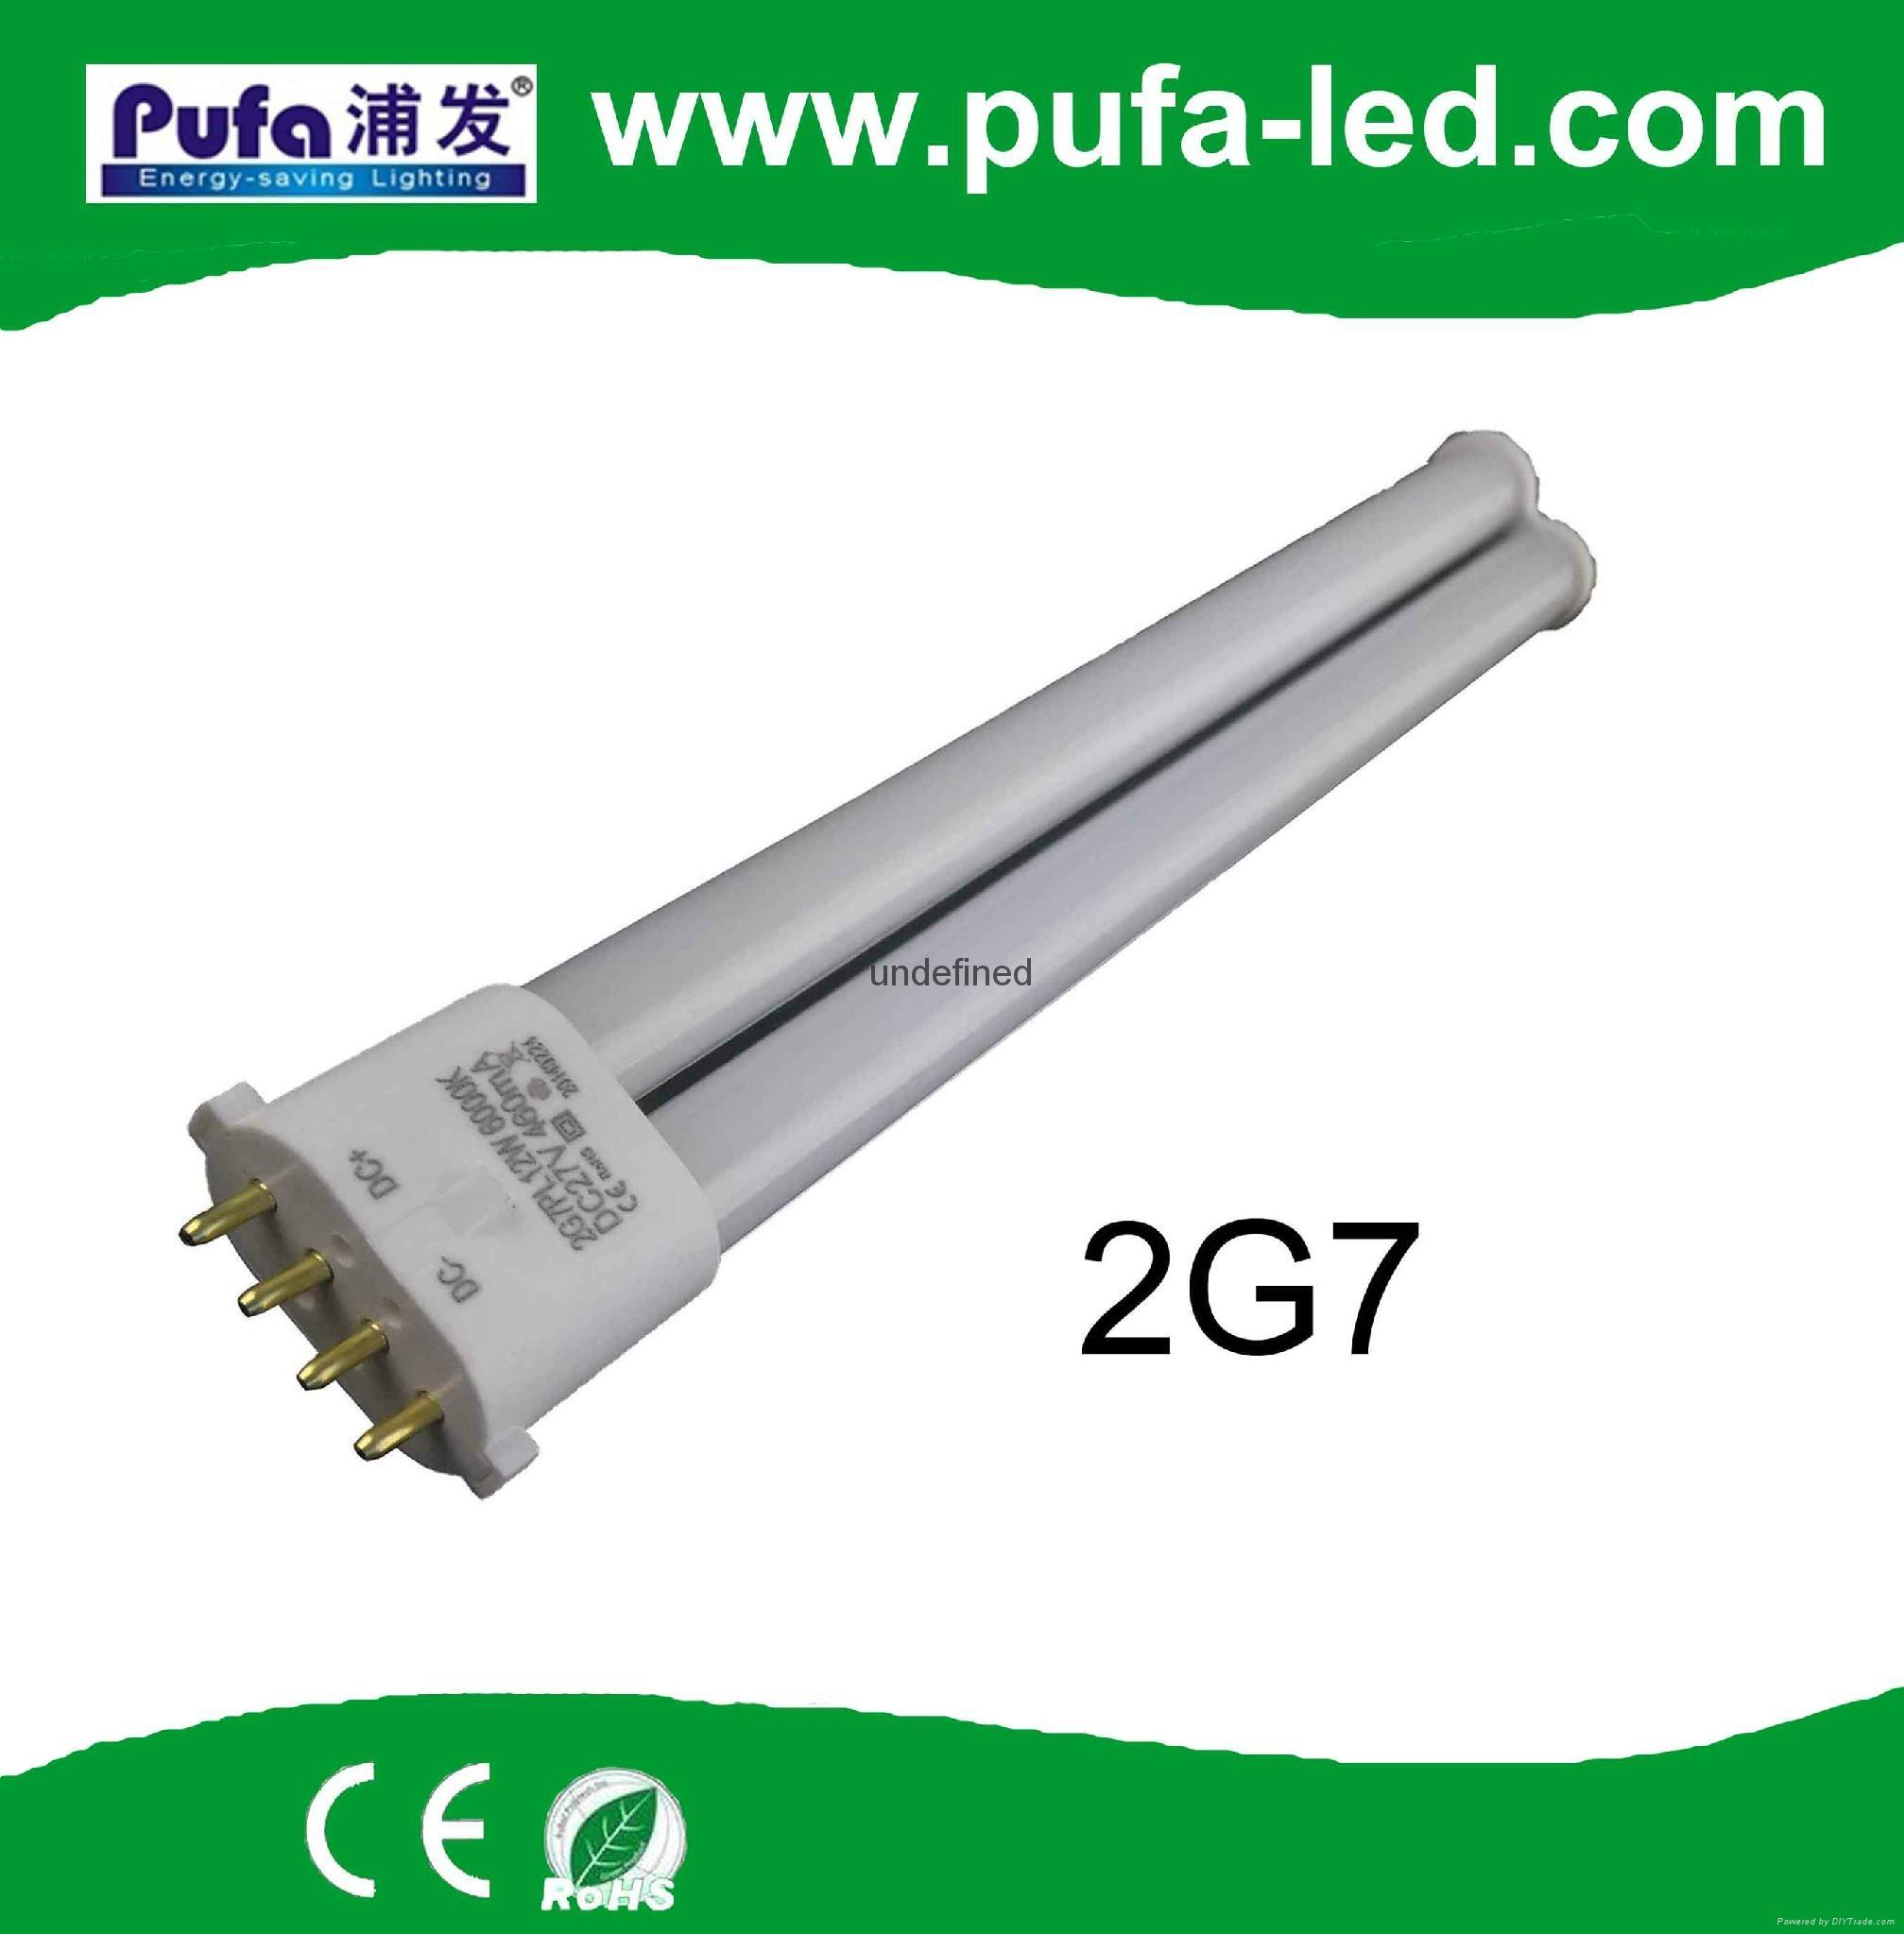 2G7 LED 橫插燈 9W 1